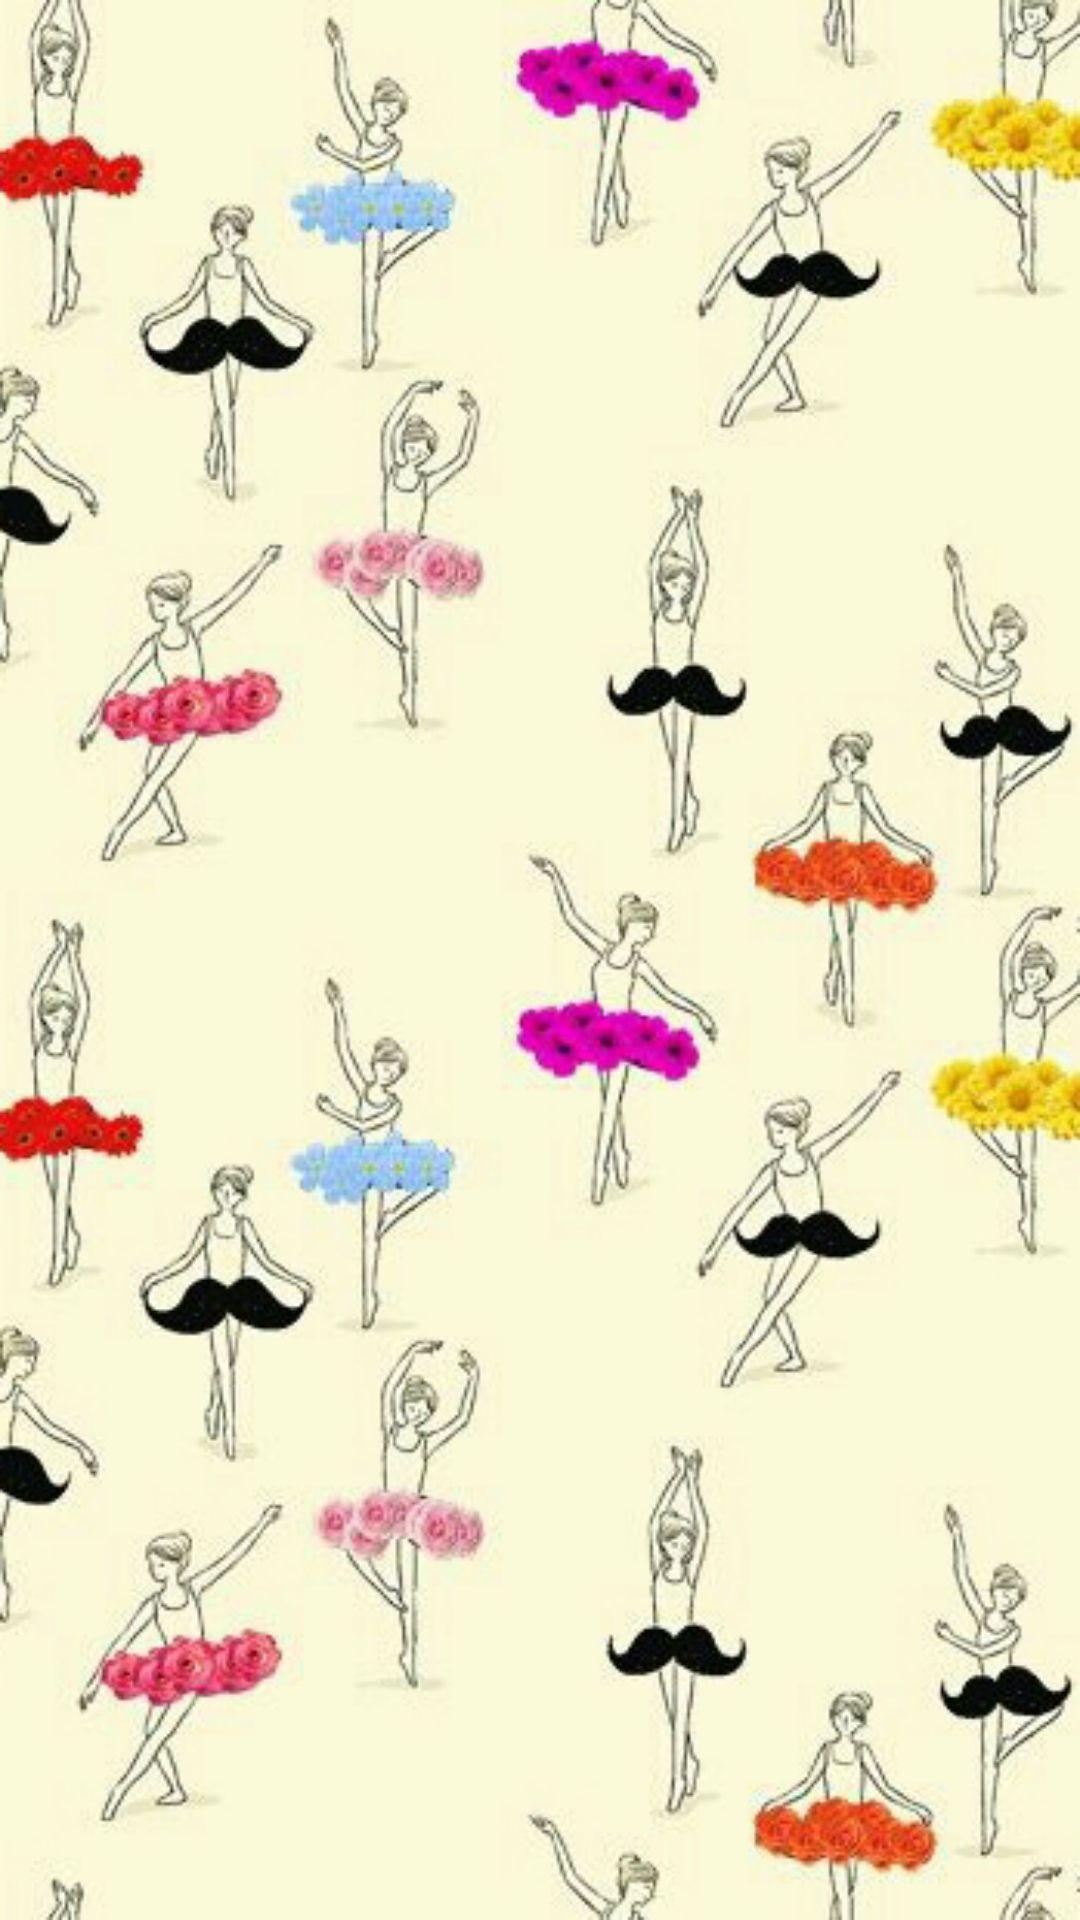 dance yourself silly.」おしゃれまとめの人気アイデア|pinterest